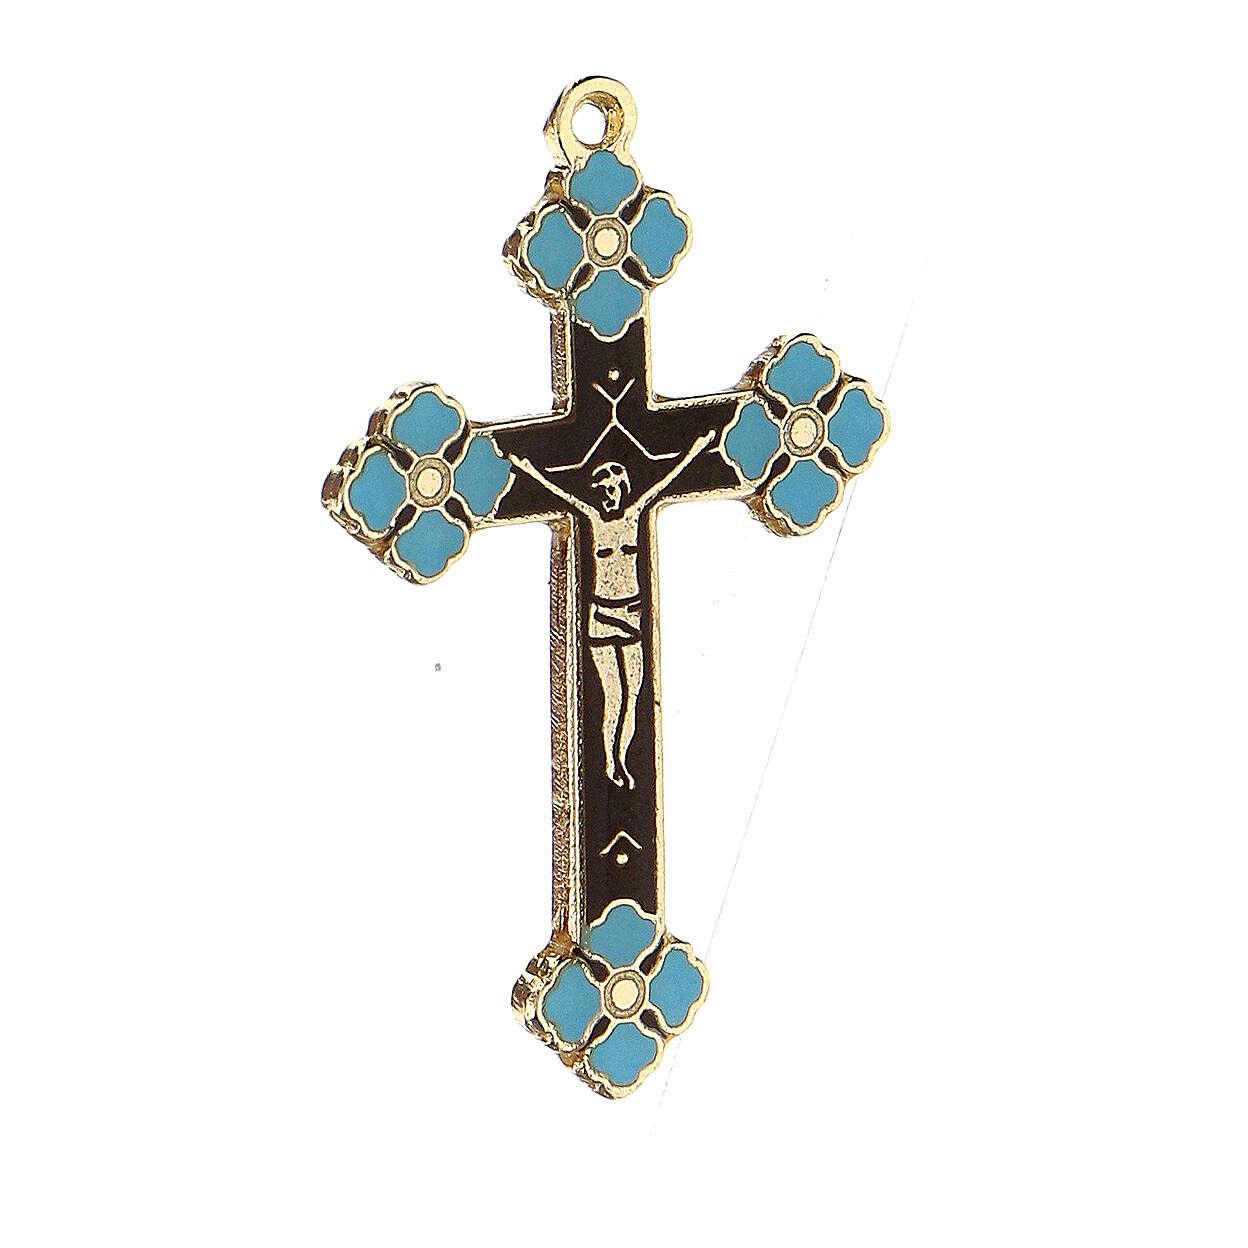 Pingente crucifixo zamak decorações esmalte azul claro 4